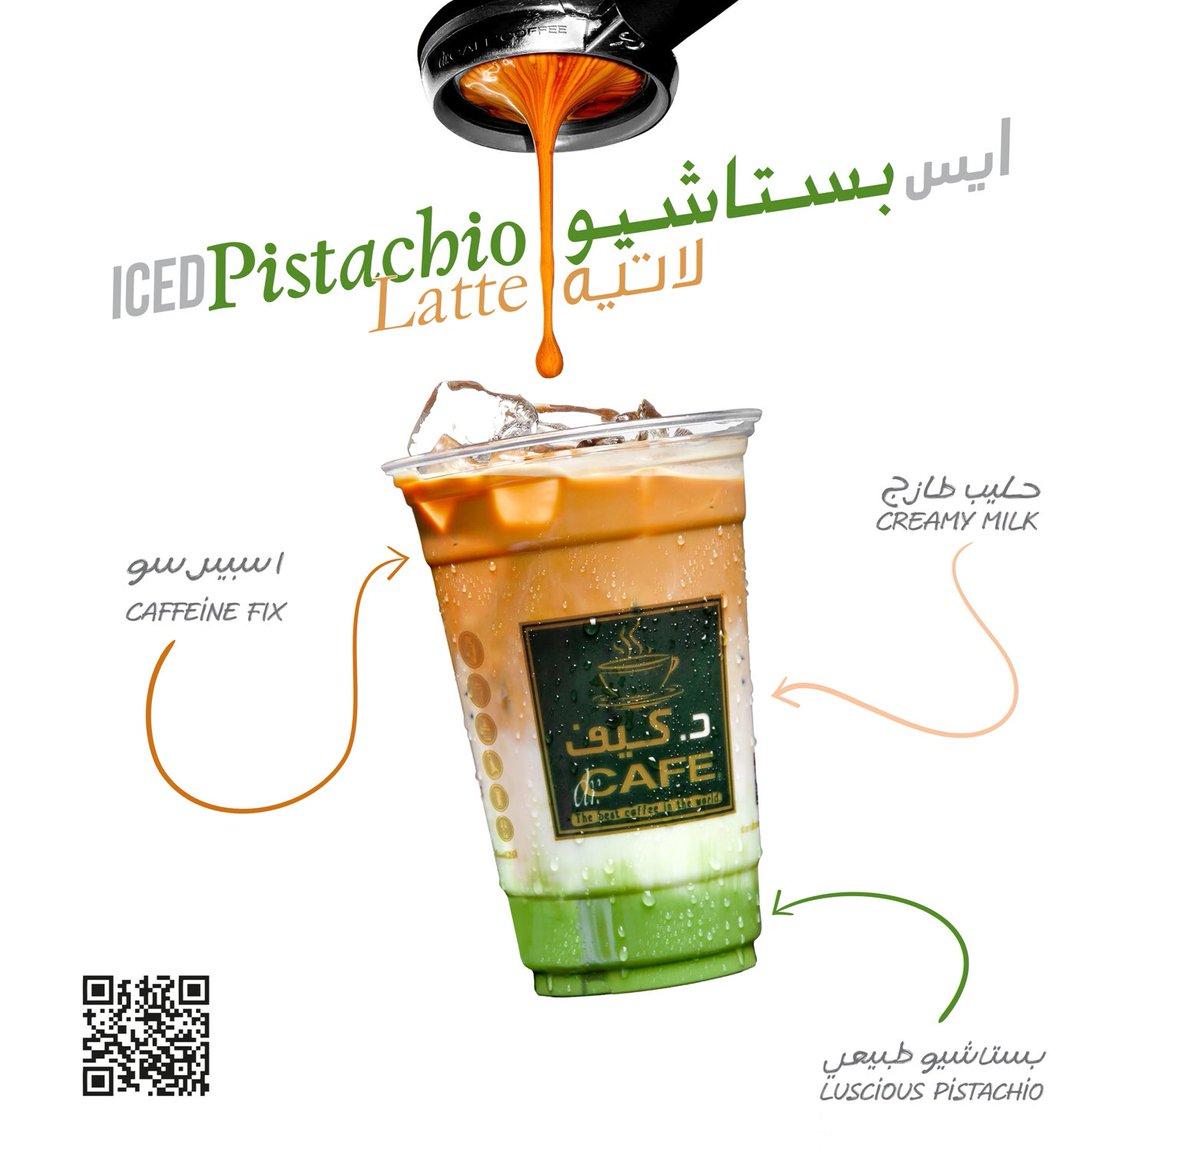 افضل كافيهات مركز غرناطة مول الأسعار المنيو الموقع كافيهات و مطاعم الرياض